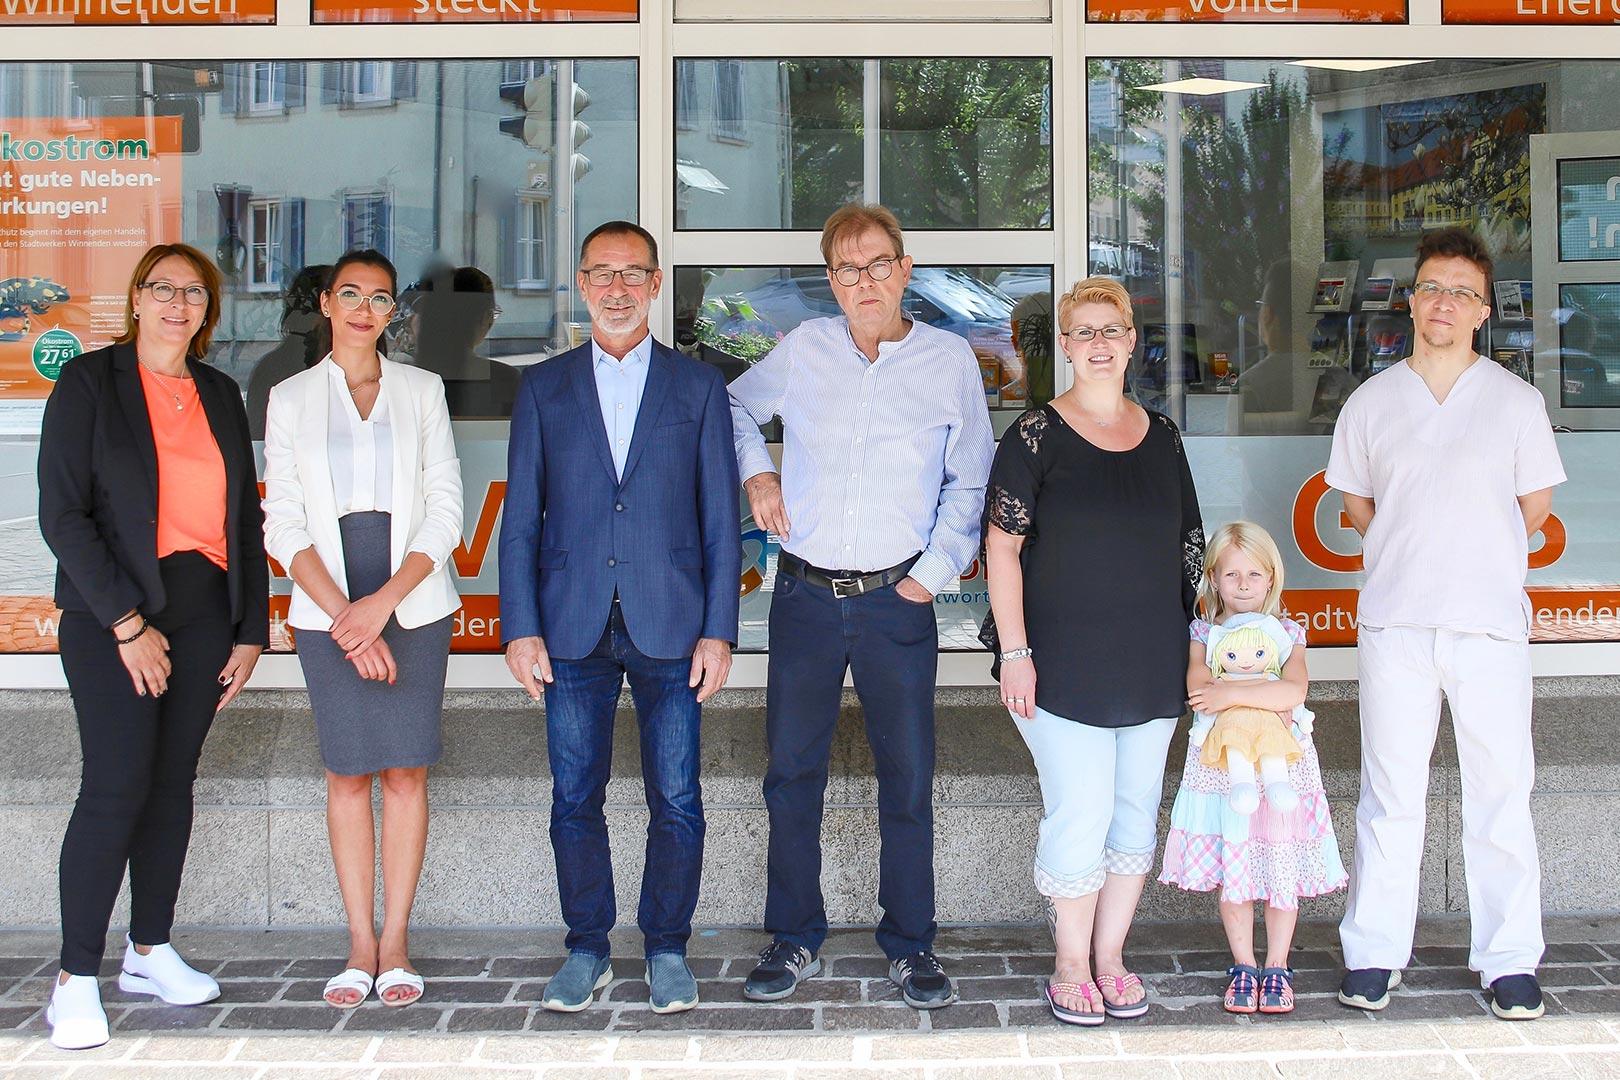 Stadtwerke Winnenden: Teamfoto Kundenzentrum